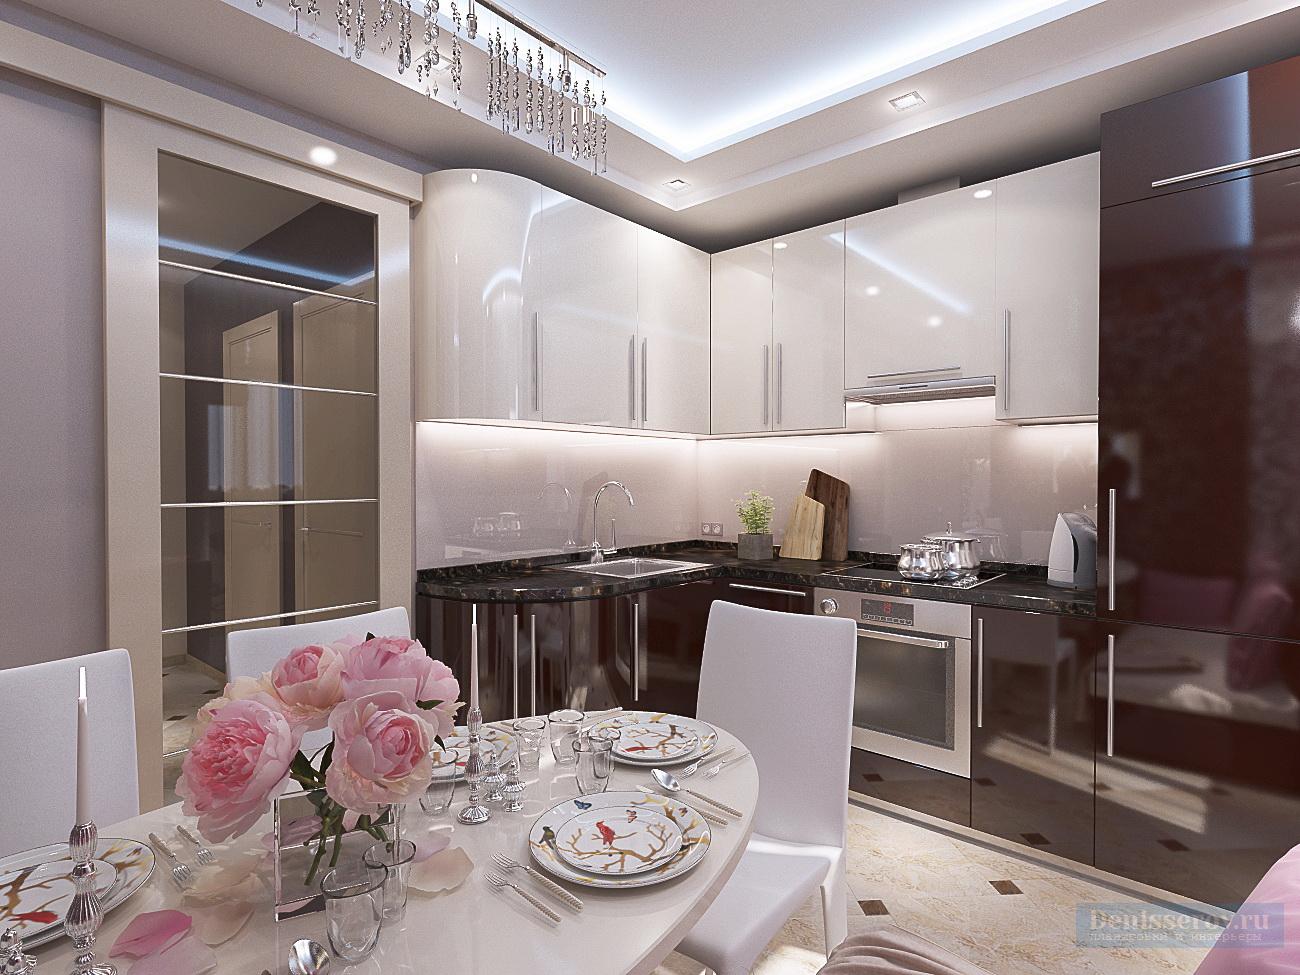 Дизайн-проект кухни 9 кв. м в бело-коричневом цвете